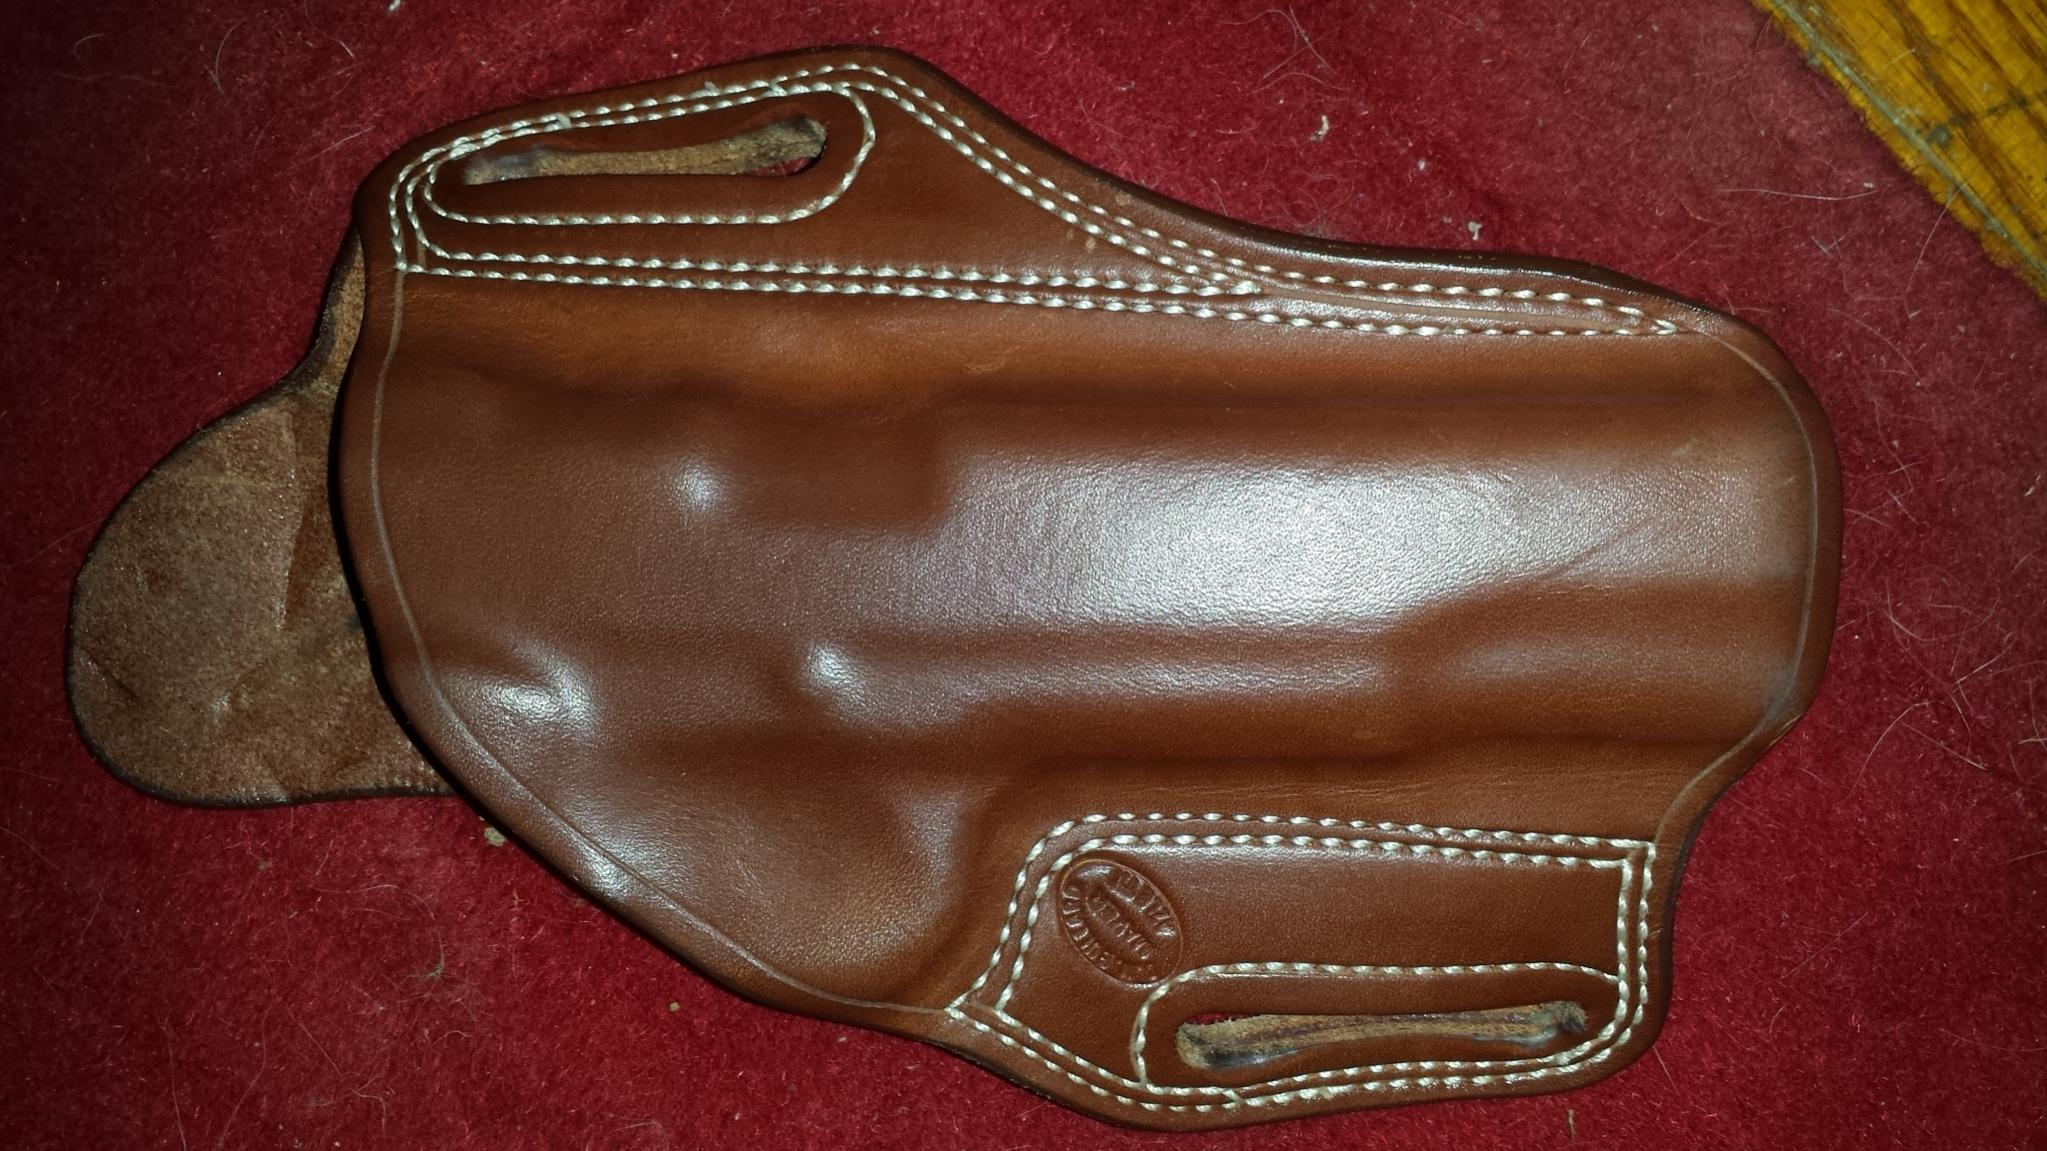 A&G gunbelt, Bullard holster, Overland mag holder, for sale.-20140118_183037.jpg